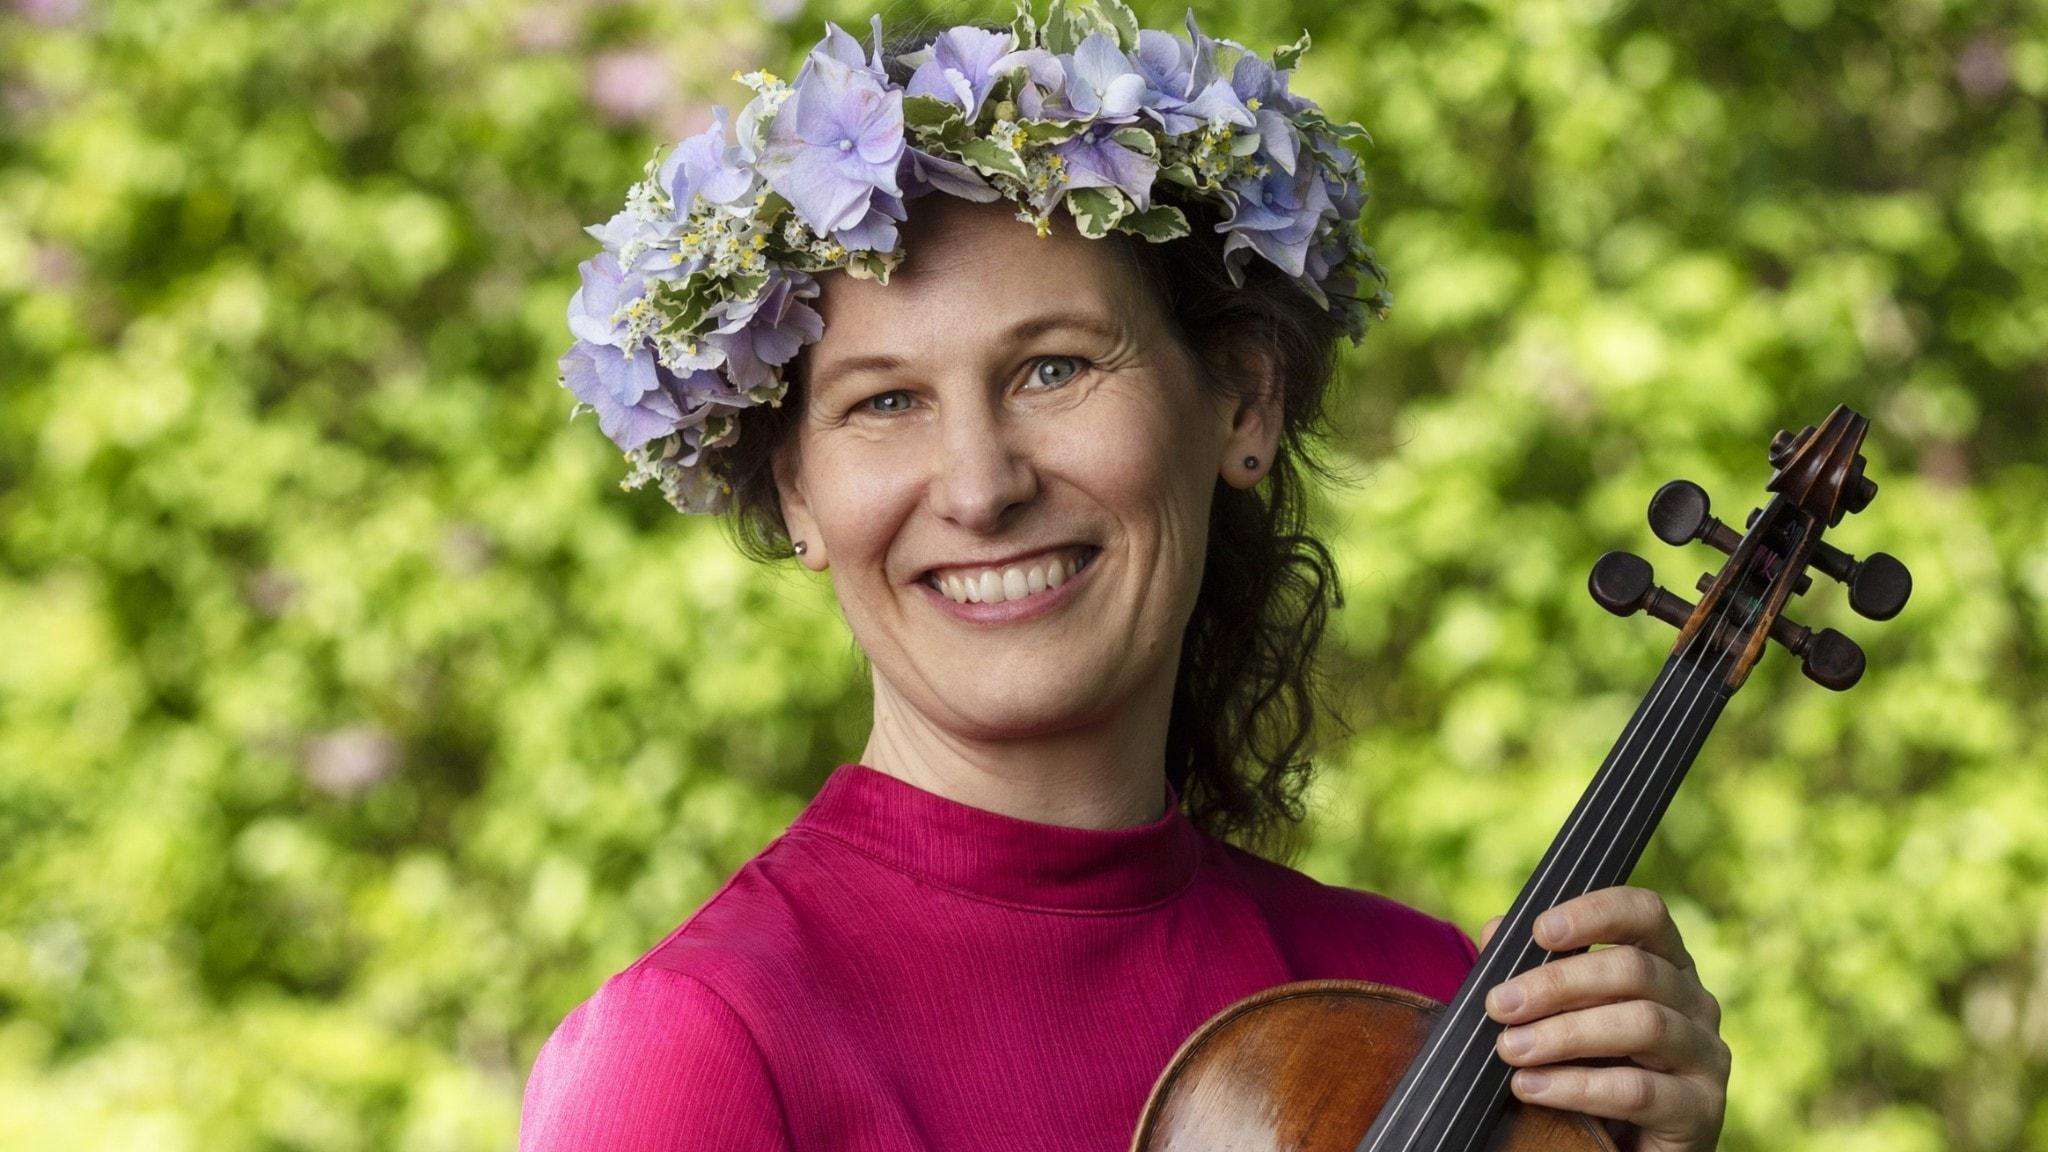 Malin Broman i blomsterkrans och med en fiol i famnen.